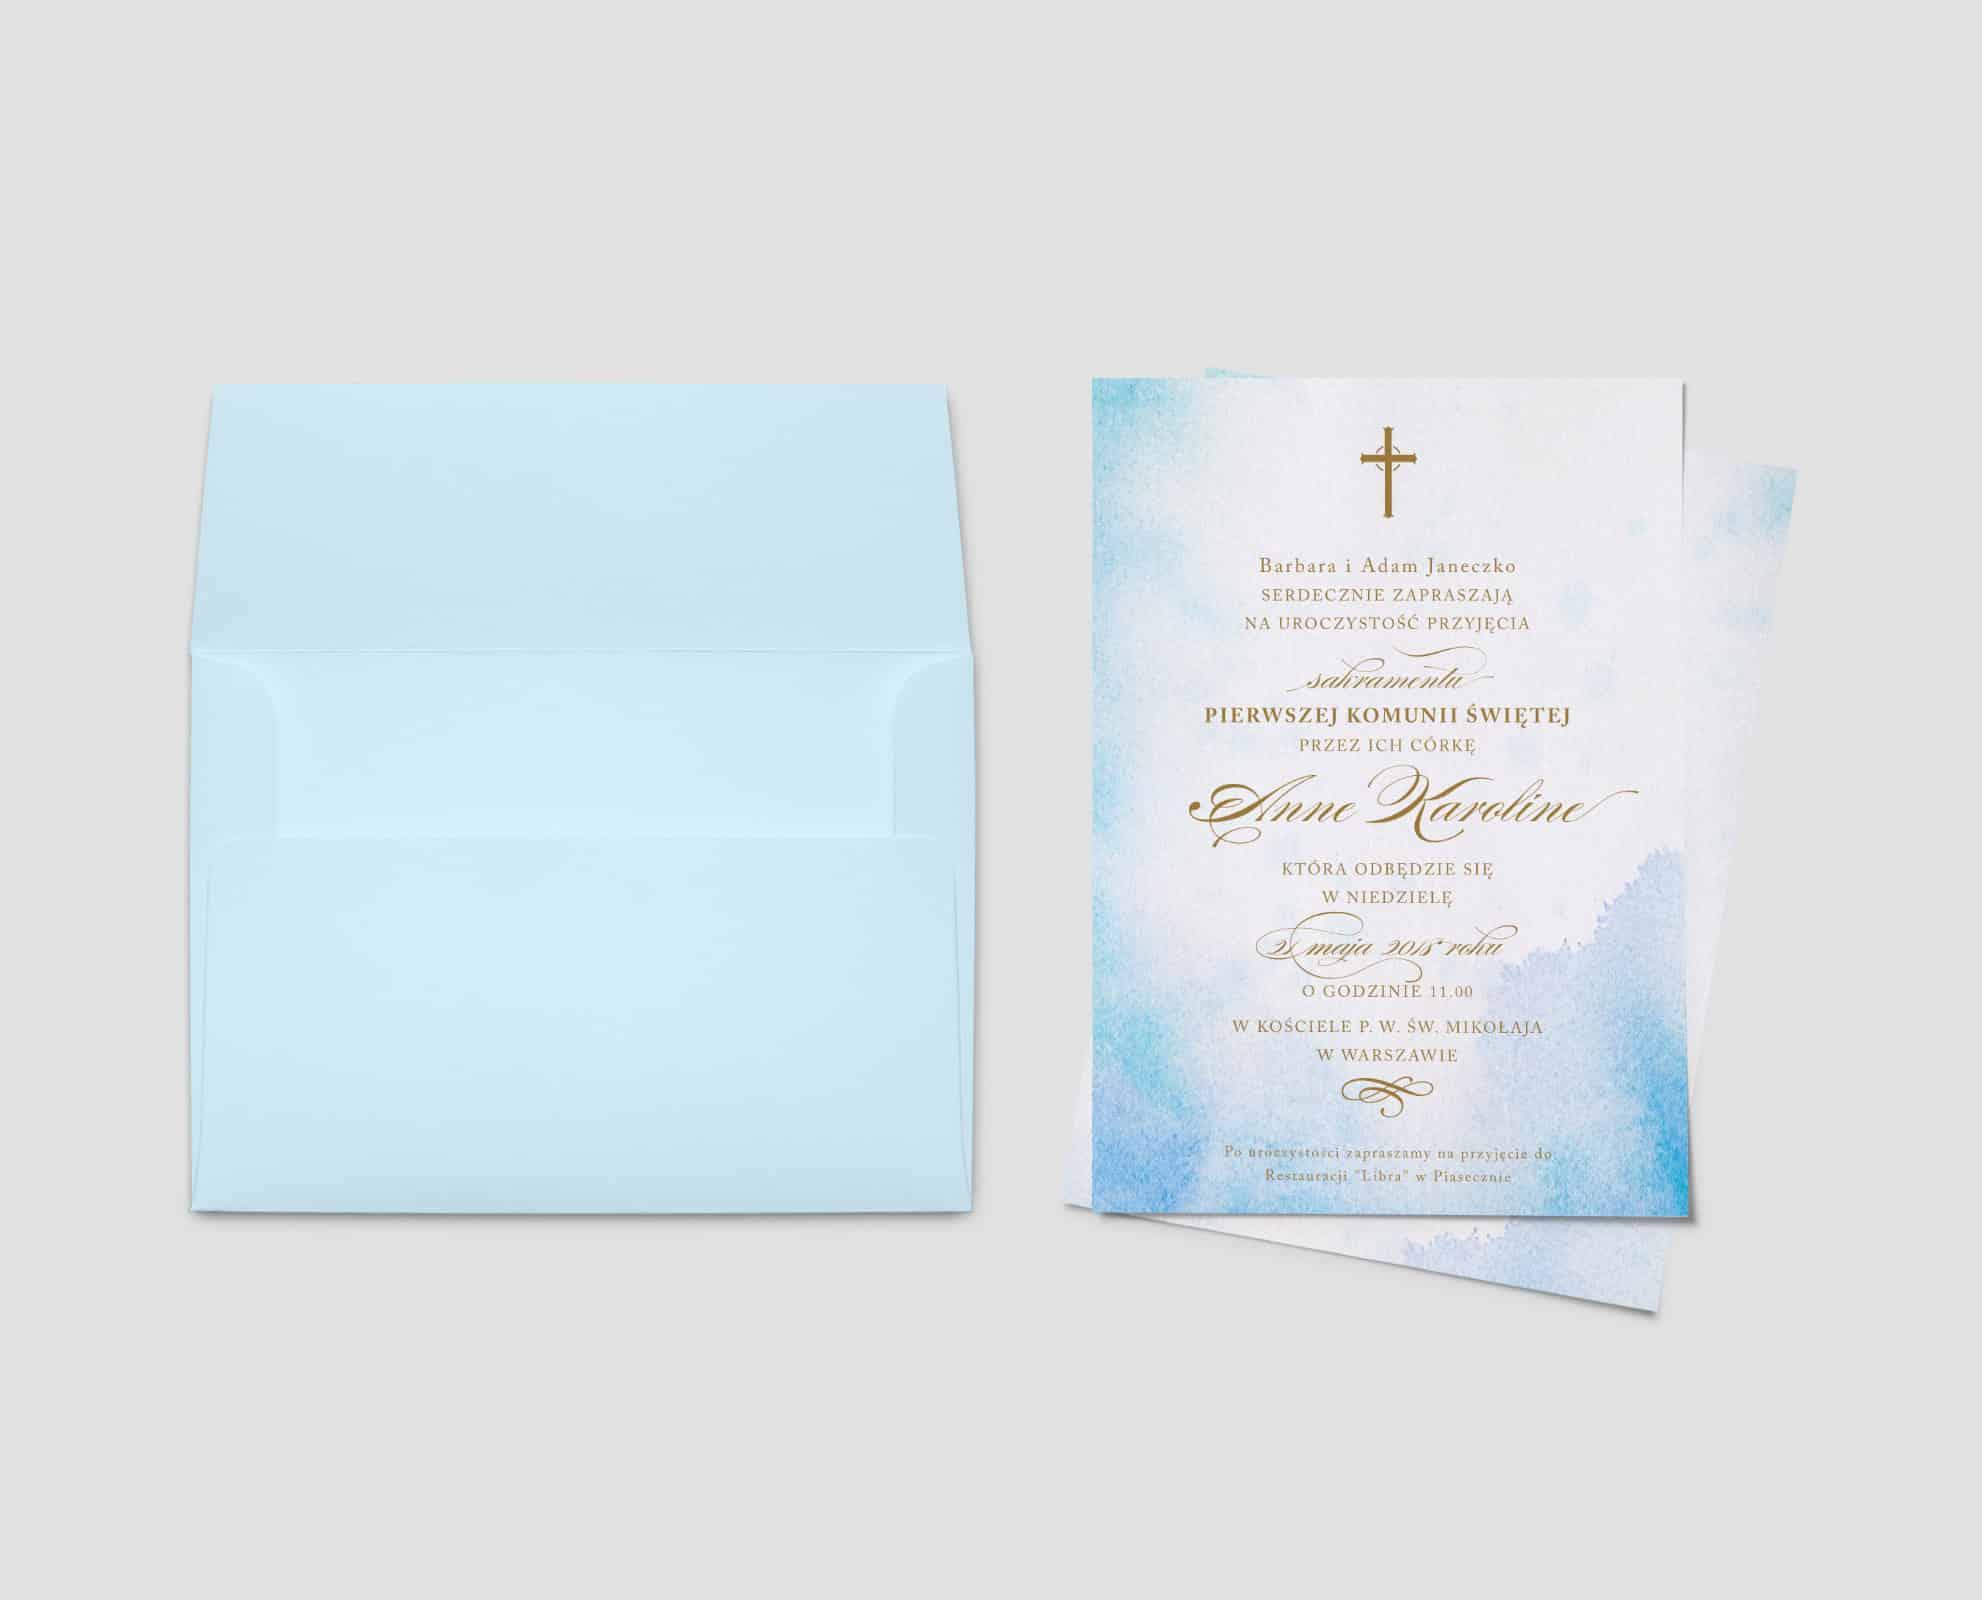 Niebieskie akwarelowe zaproszenia na komunię świętą ze złotą czcionką.